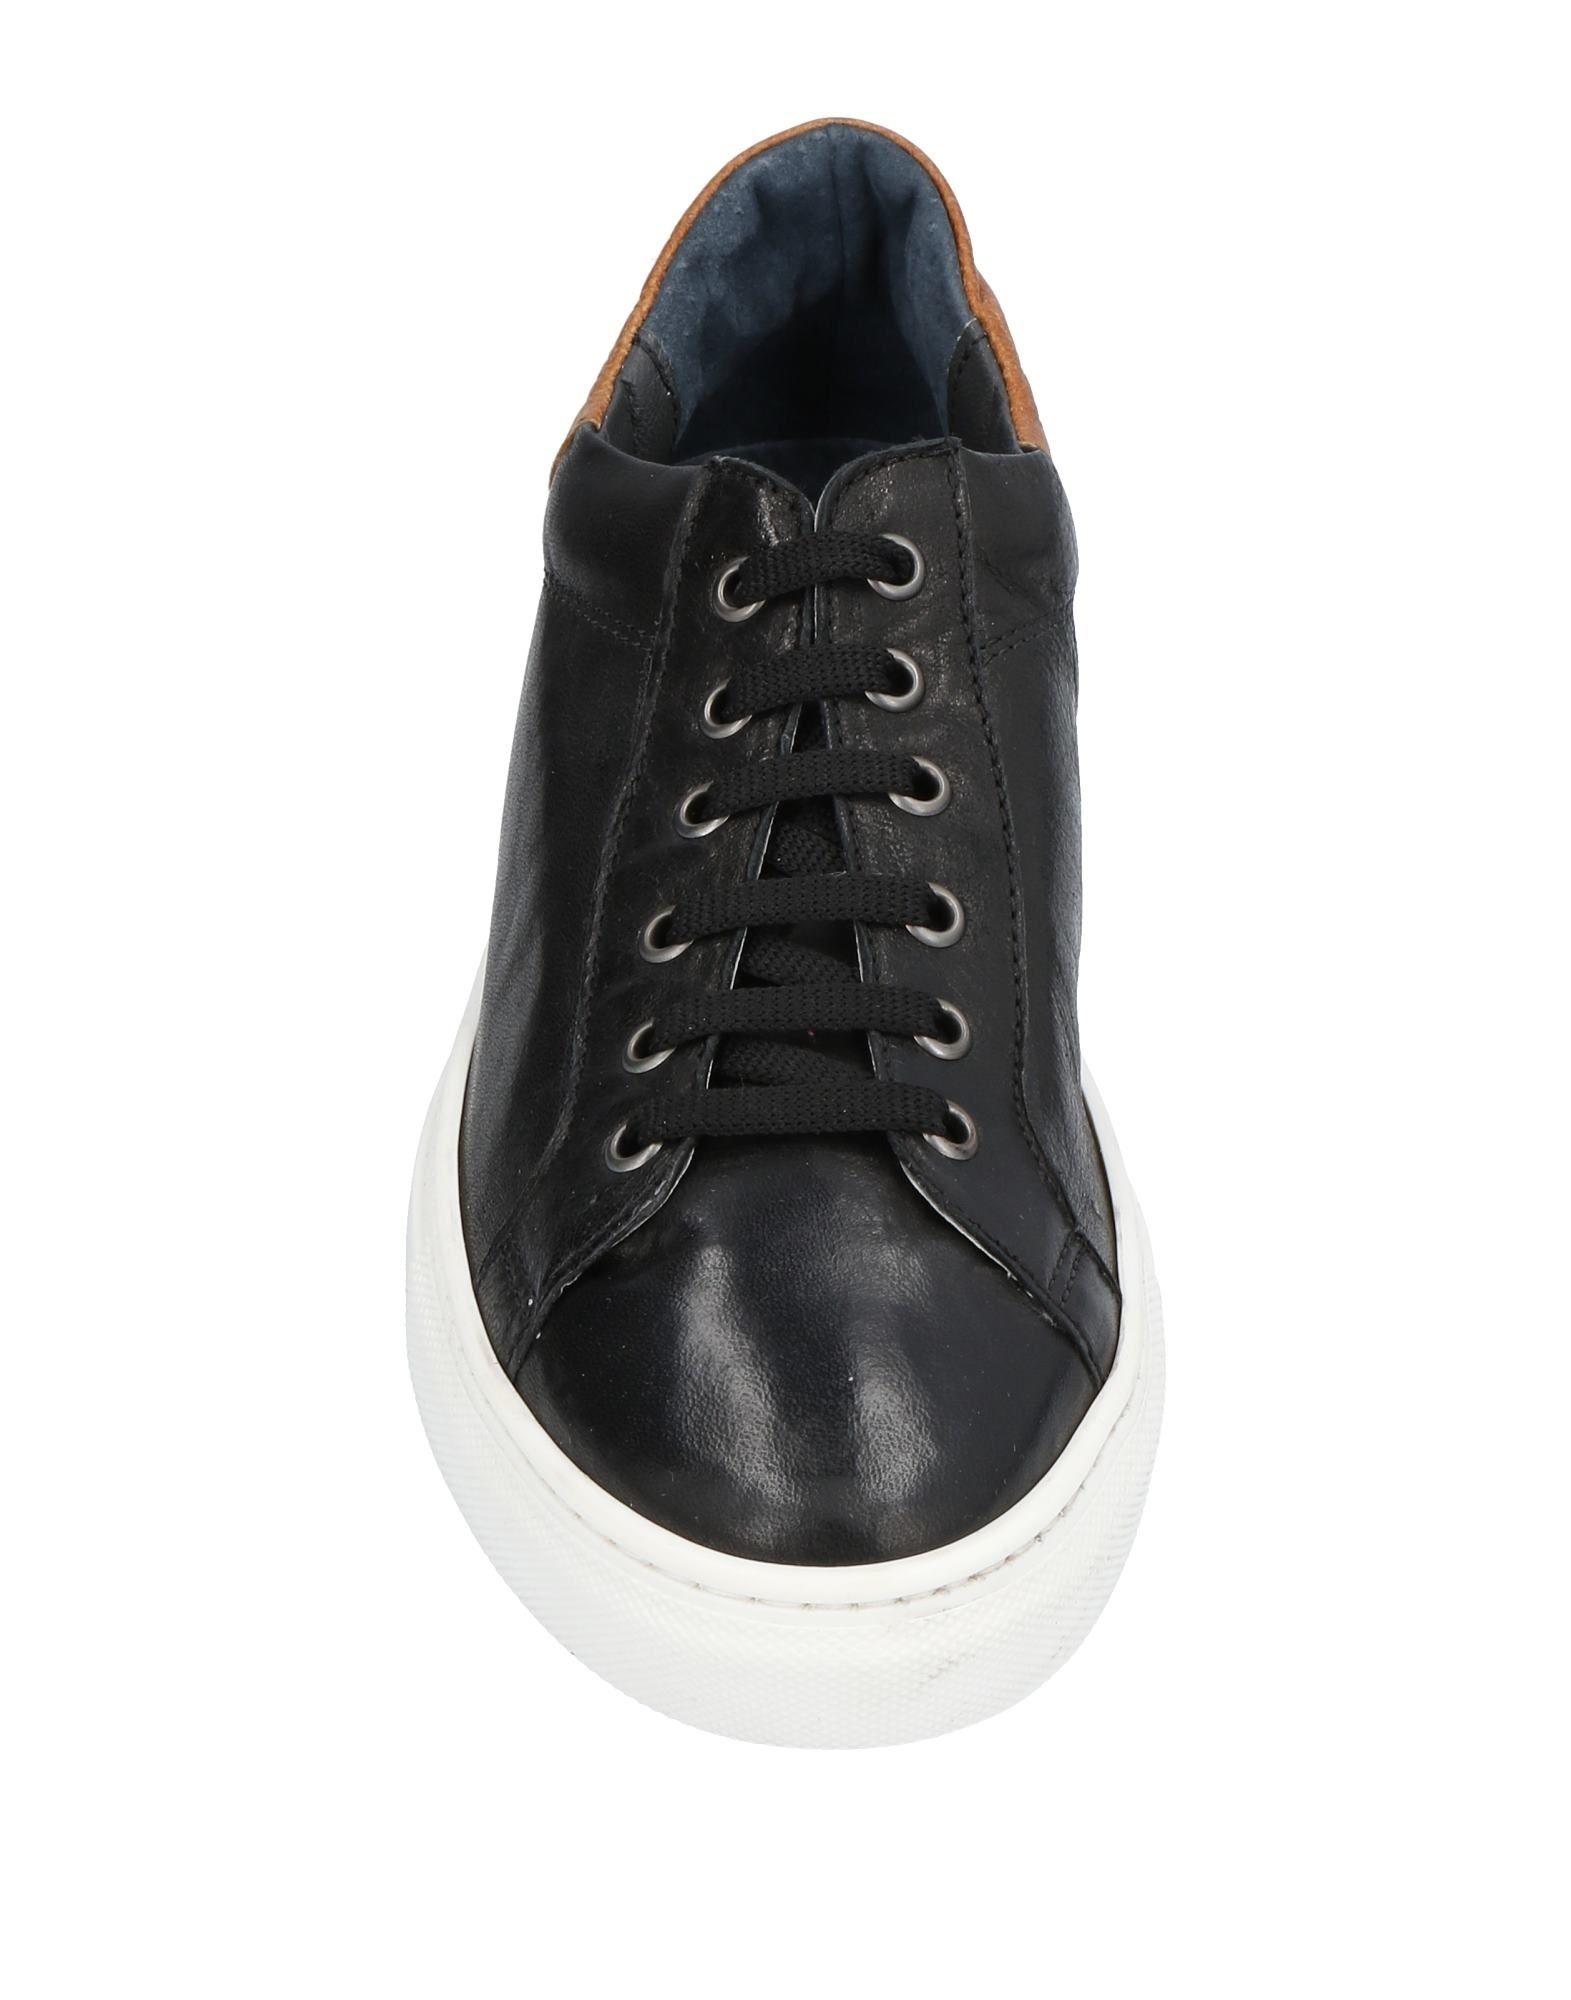 Tsd12 Sneakers es Damen Gutes Preis-Leistungs-Verhältnis, es Sneakers lohnt sich b66fd1